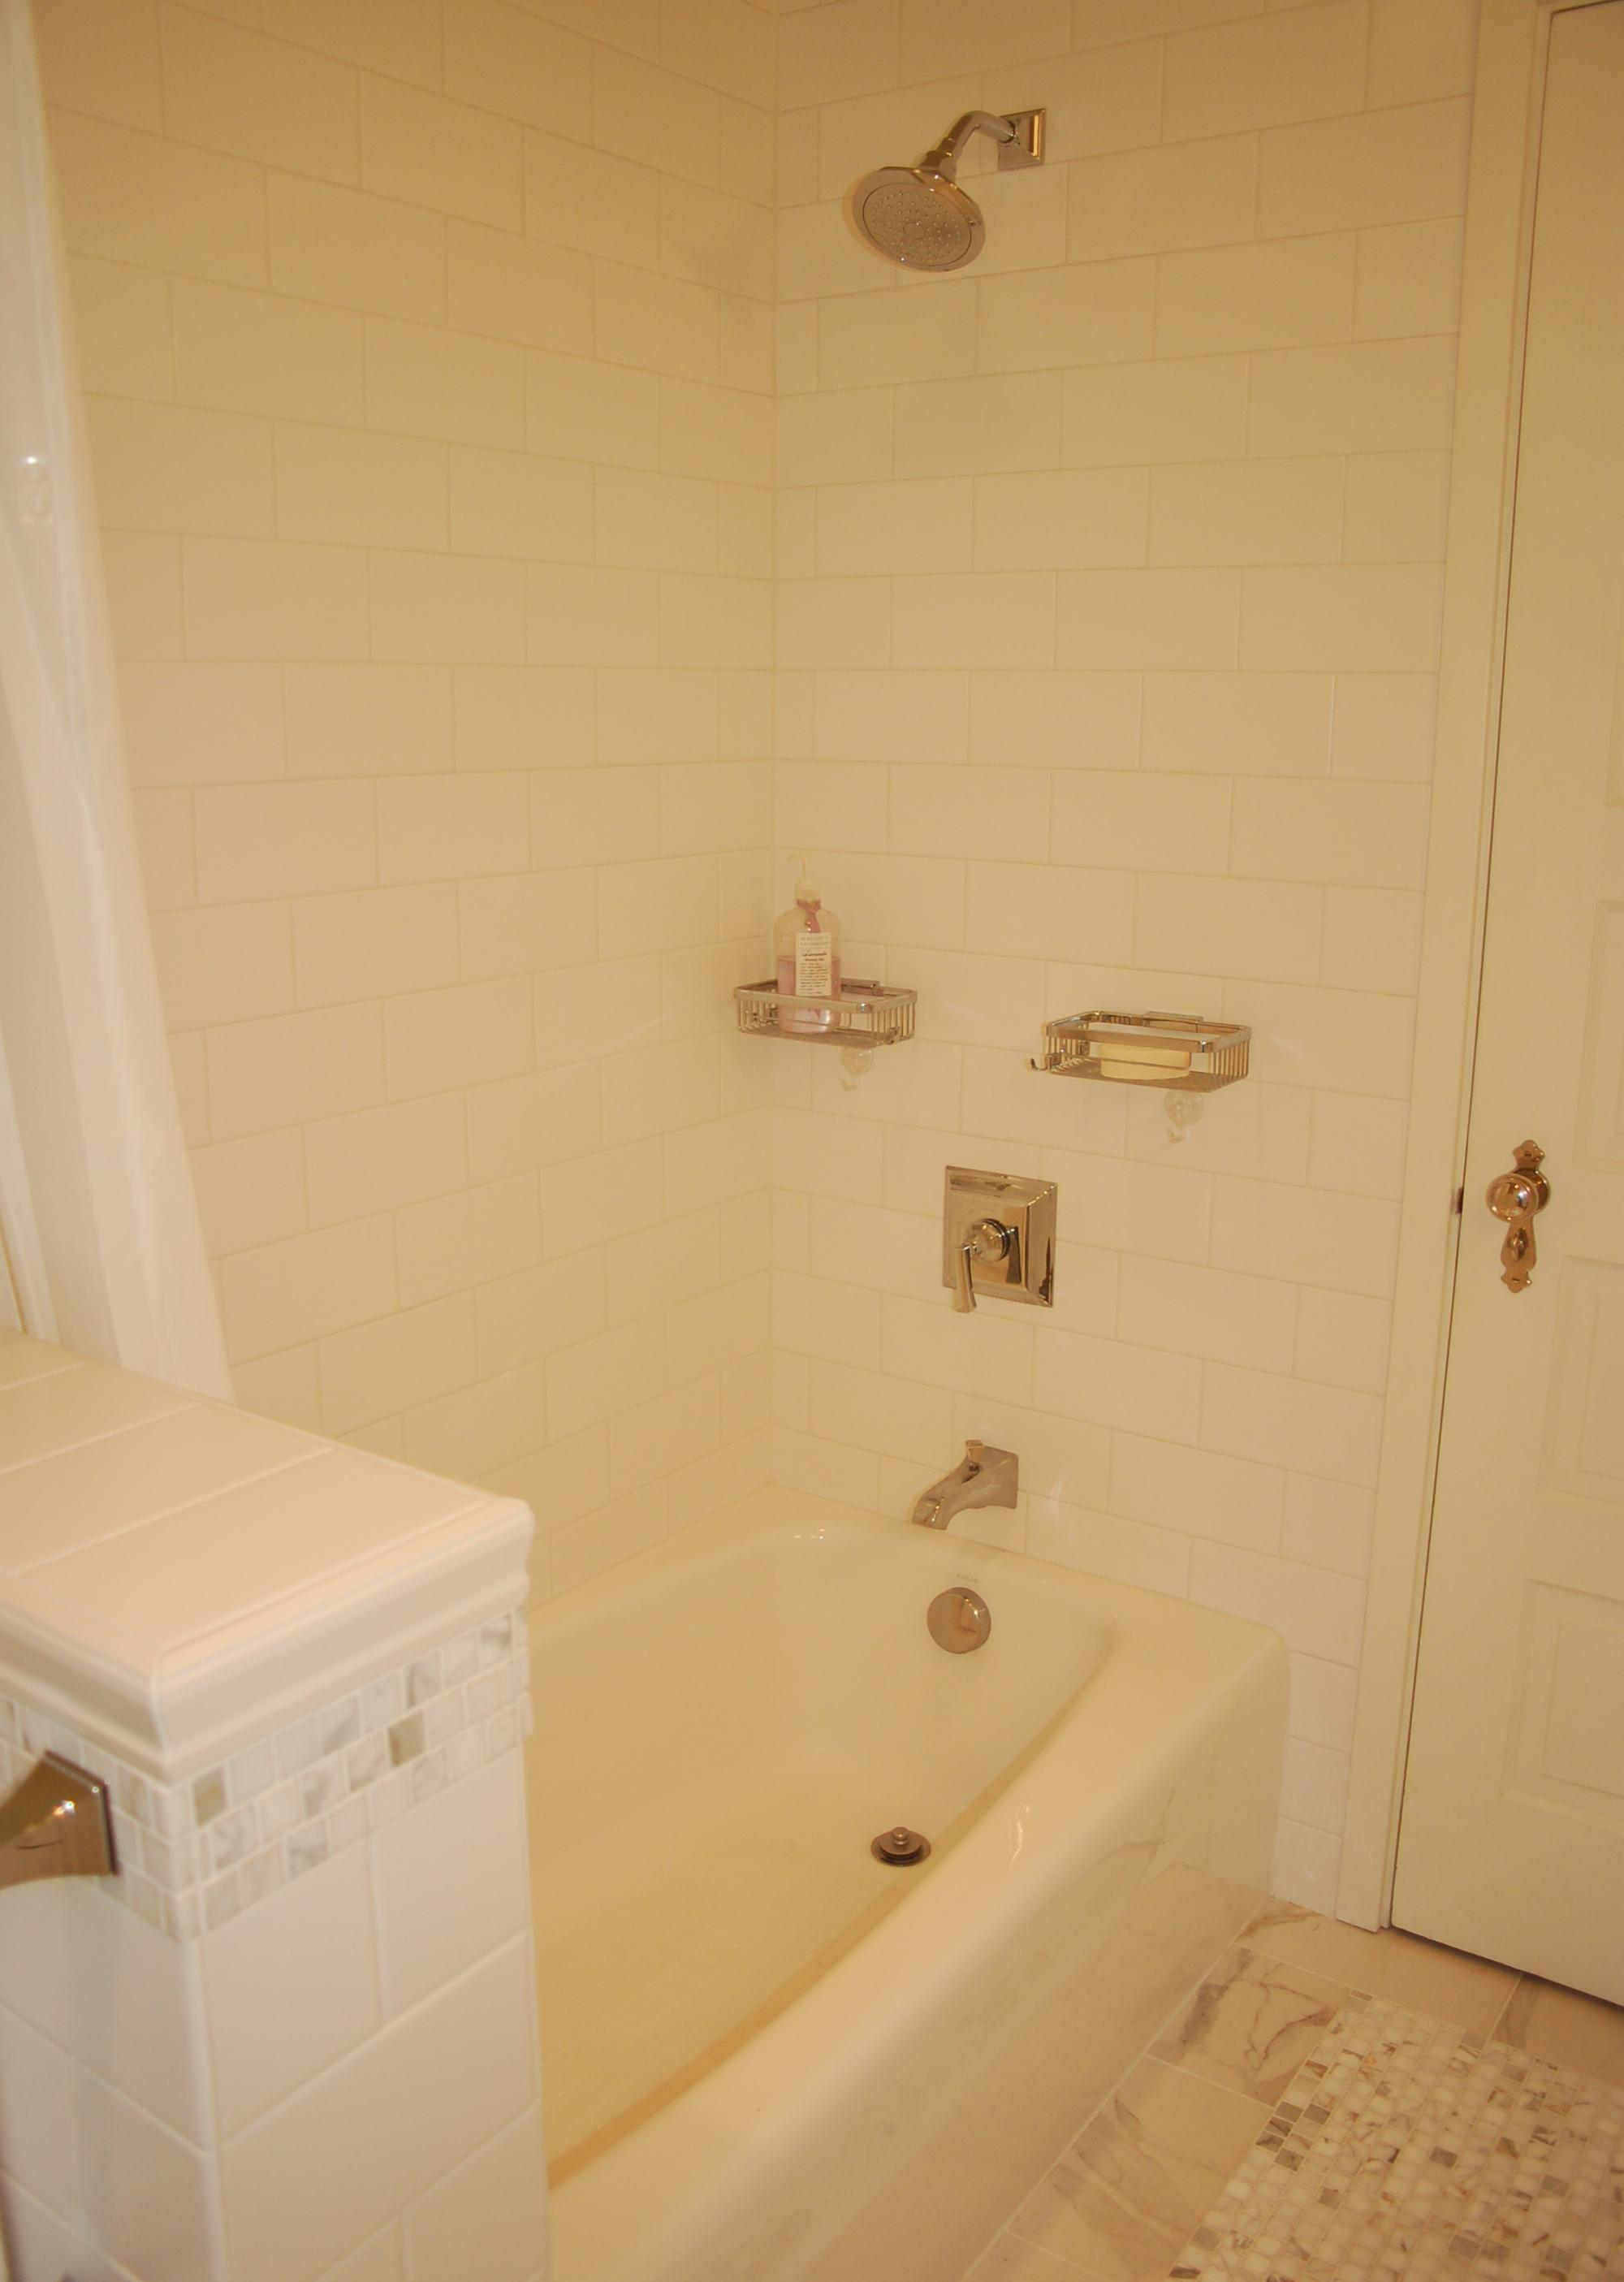 kohler memoirs stately shower faucet kohler memoirs stately shower faucet 1930s bathroom remodel favinger plumbing bellingham whatcom 2000 x 2810